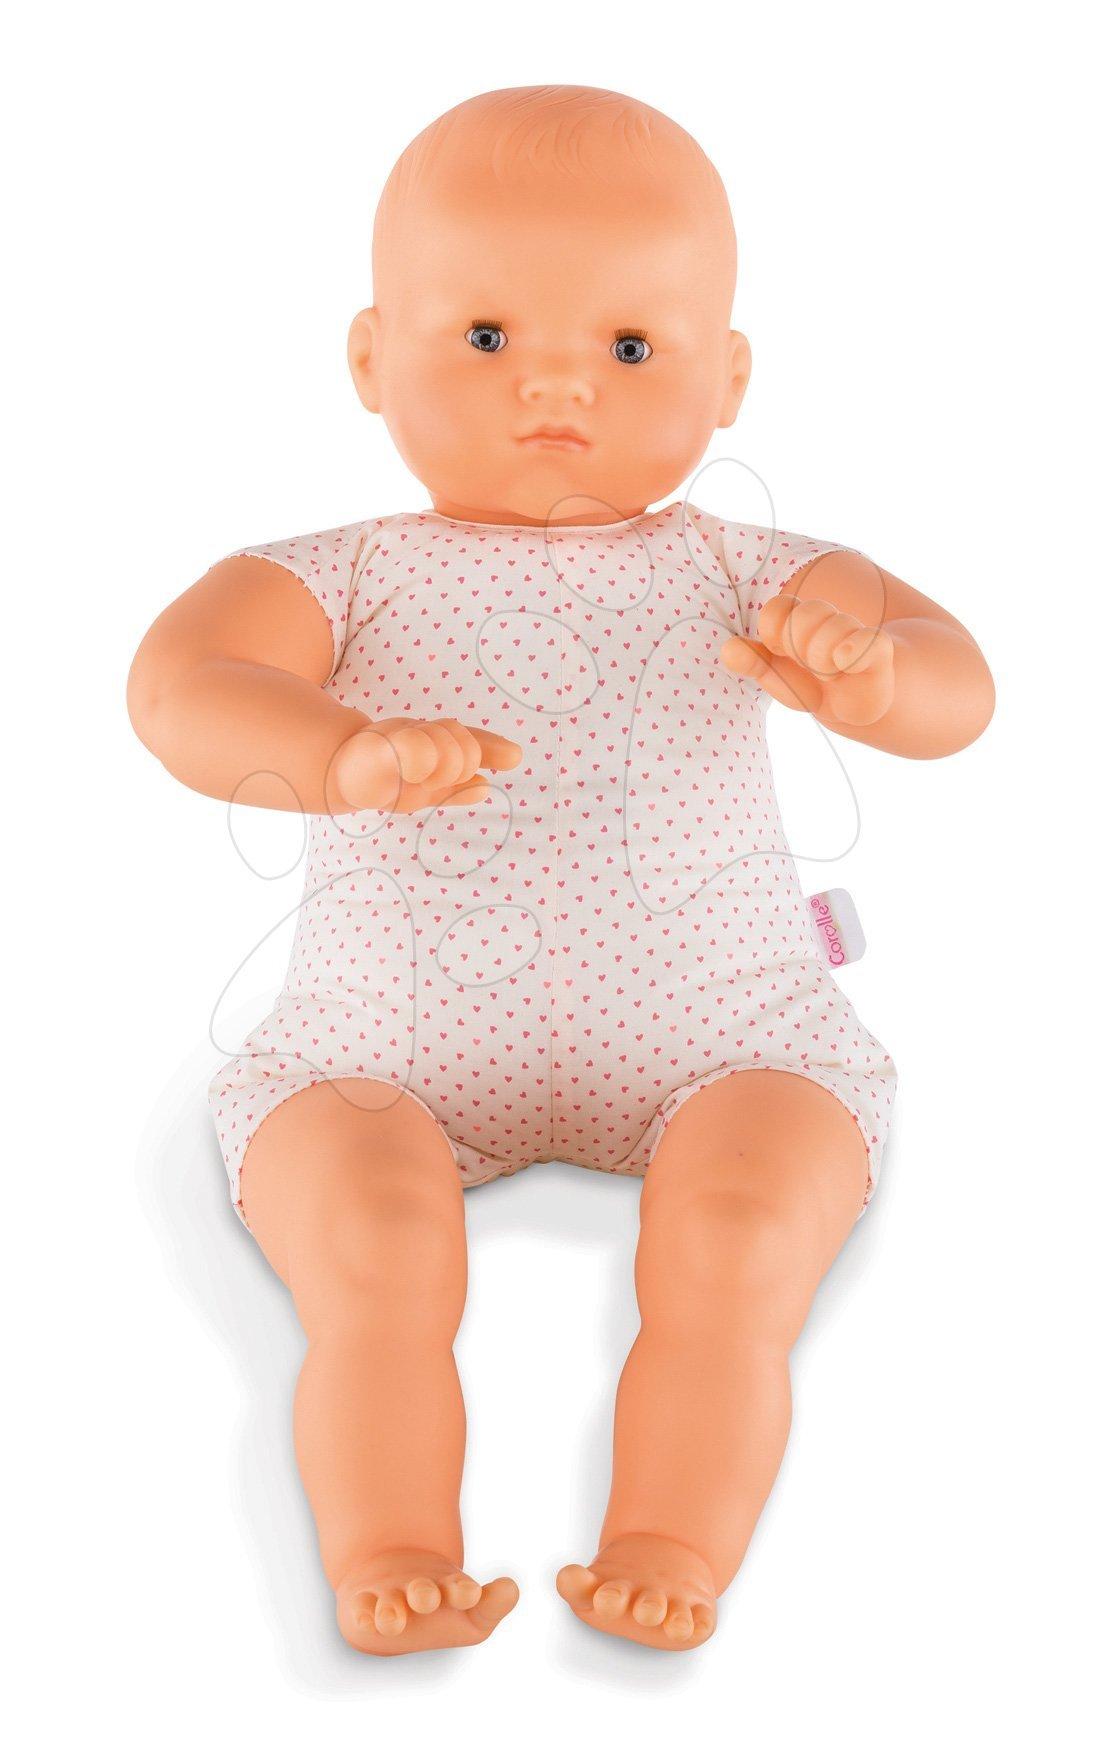 Bábiky od 24 mesiacov - Bábika Bébé Chérie na obliekanie Mon Grand Poupon Corolle 52 cm s modrými klipkajúcimi očami od 24 mes